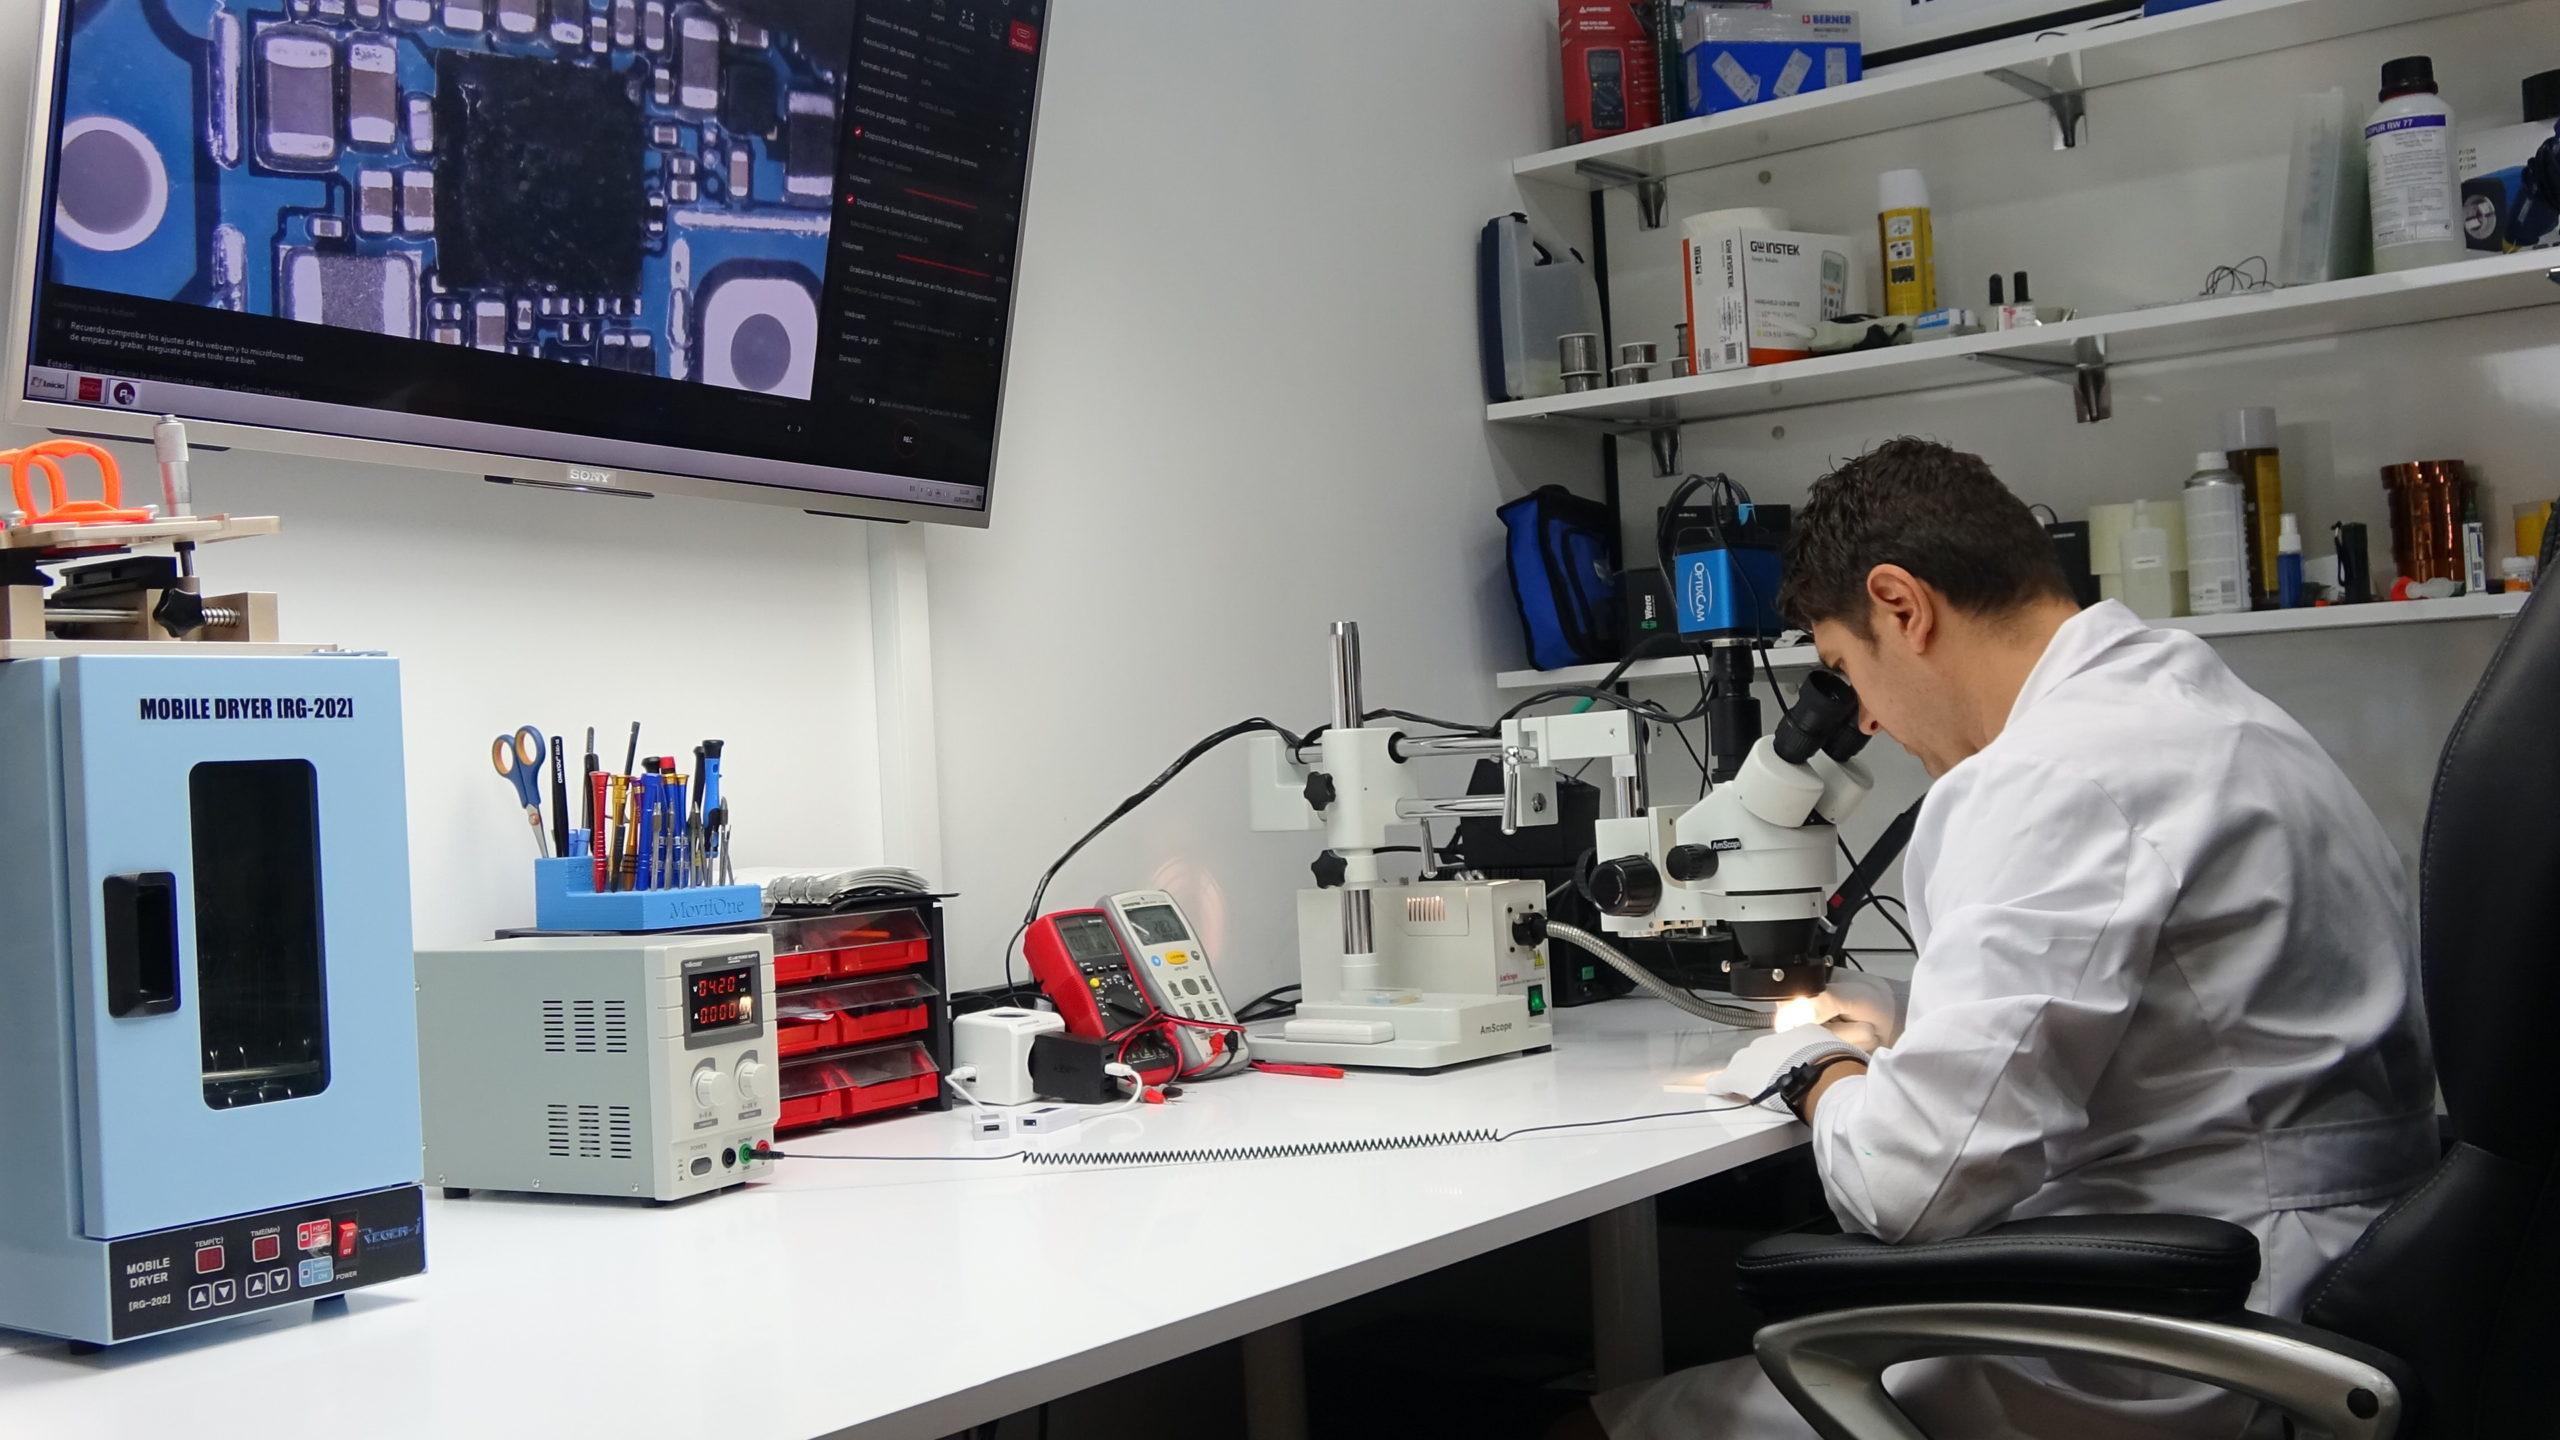 MovilOne Laboratorio de Reparacion de moviles en Granada